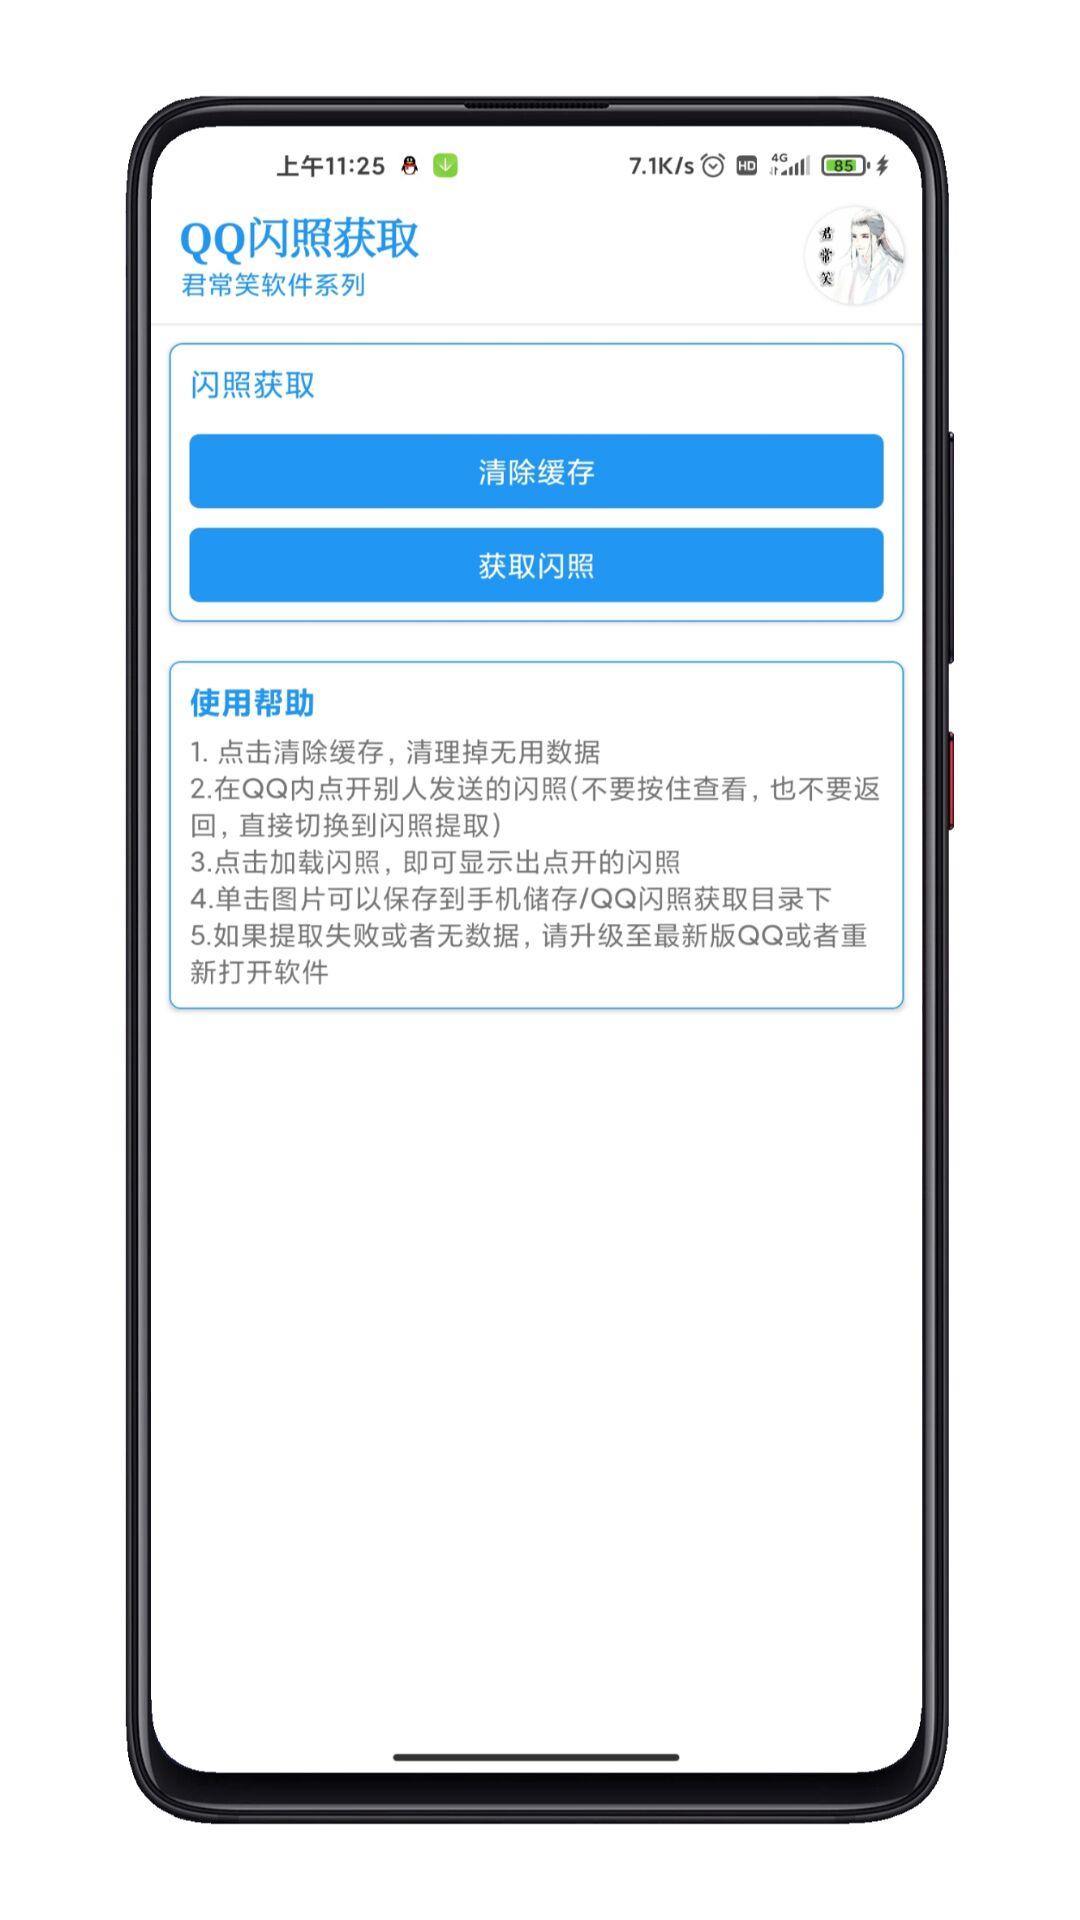 安卓版QQ闪照获取软件工具